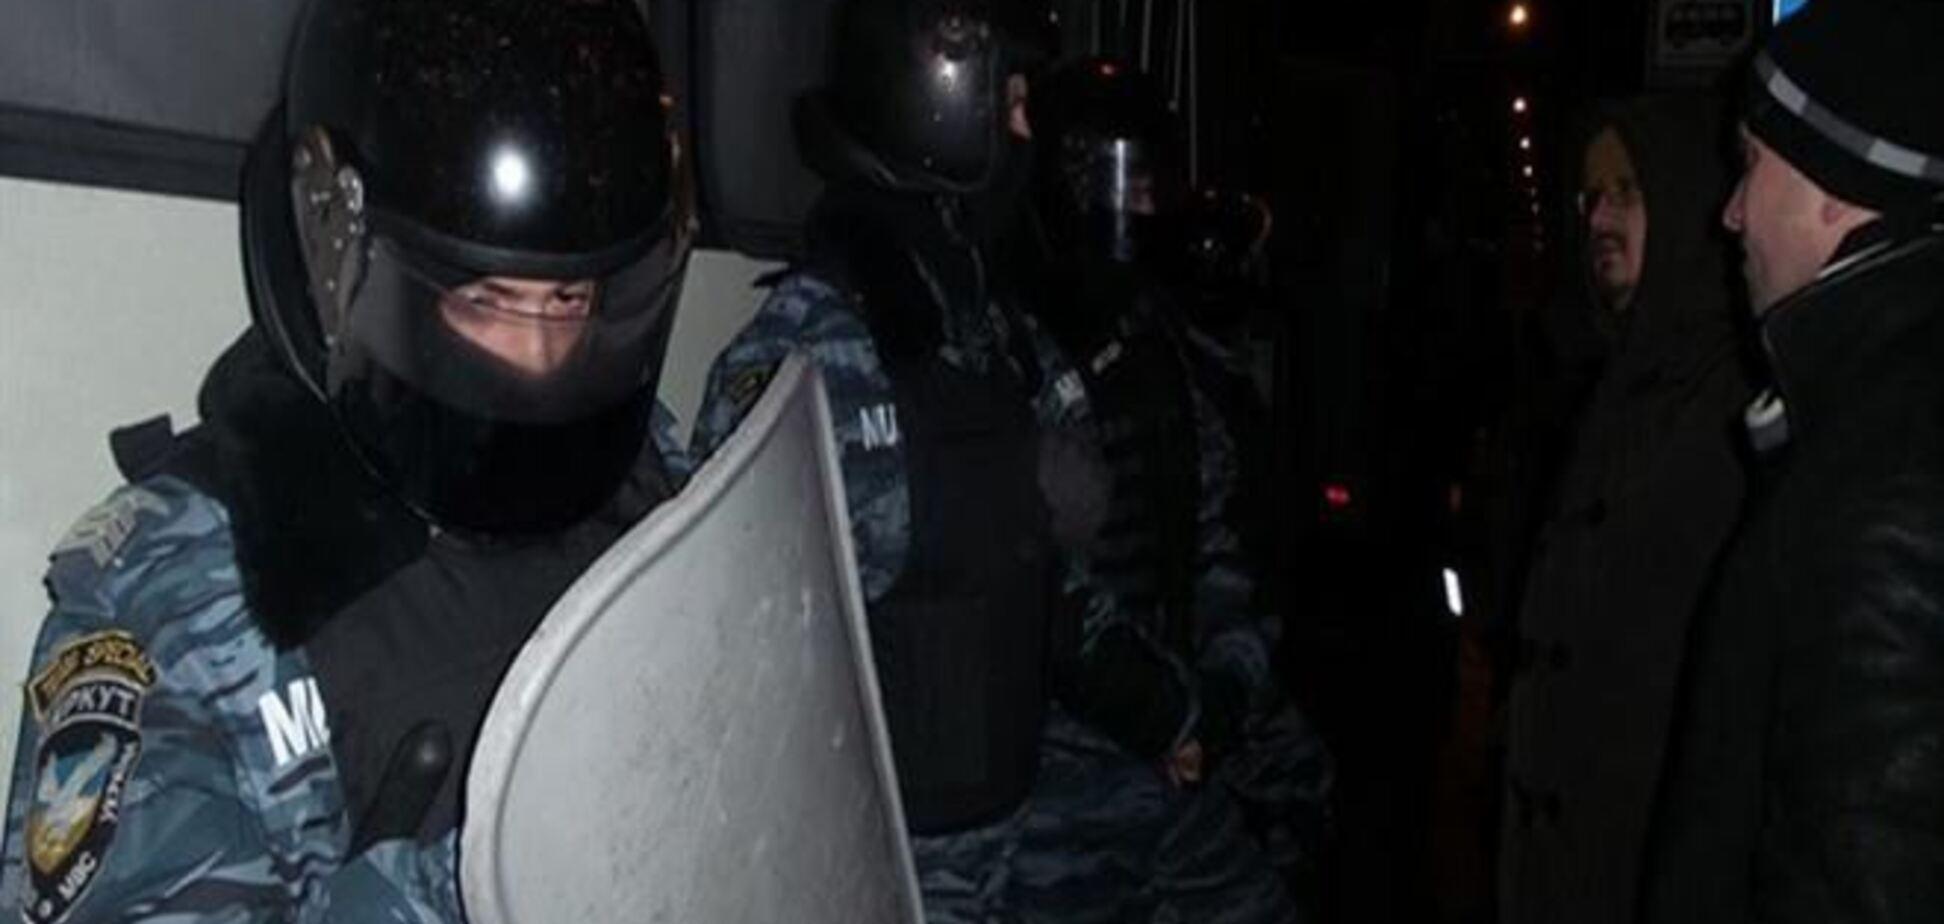 Возле Киево-Святошинского суда пострадали около 30 митингующих  - лидер Автомайдана